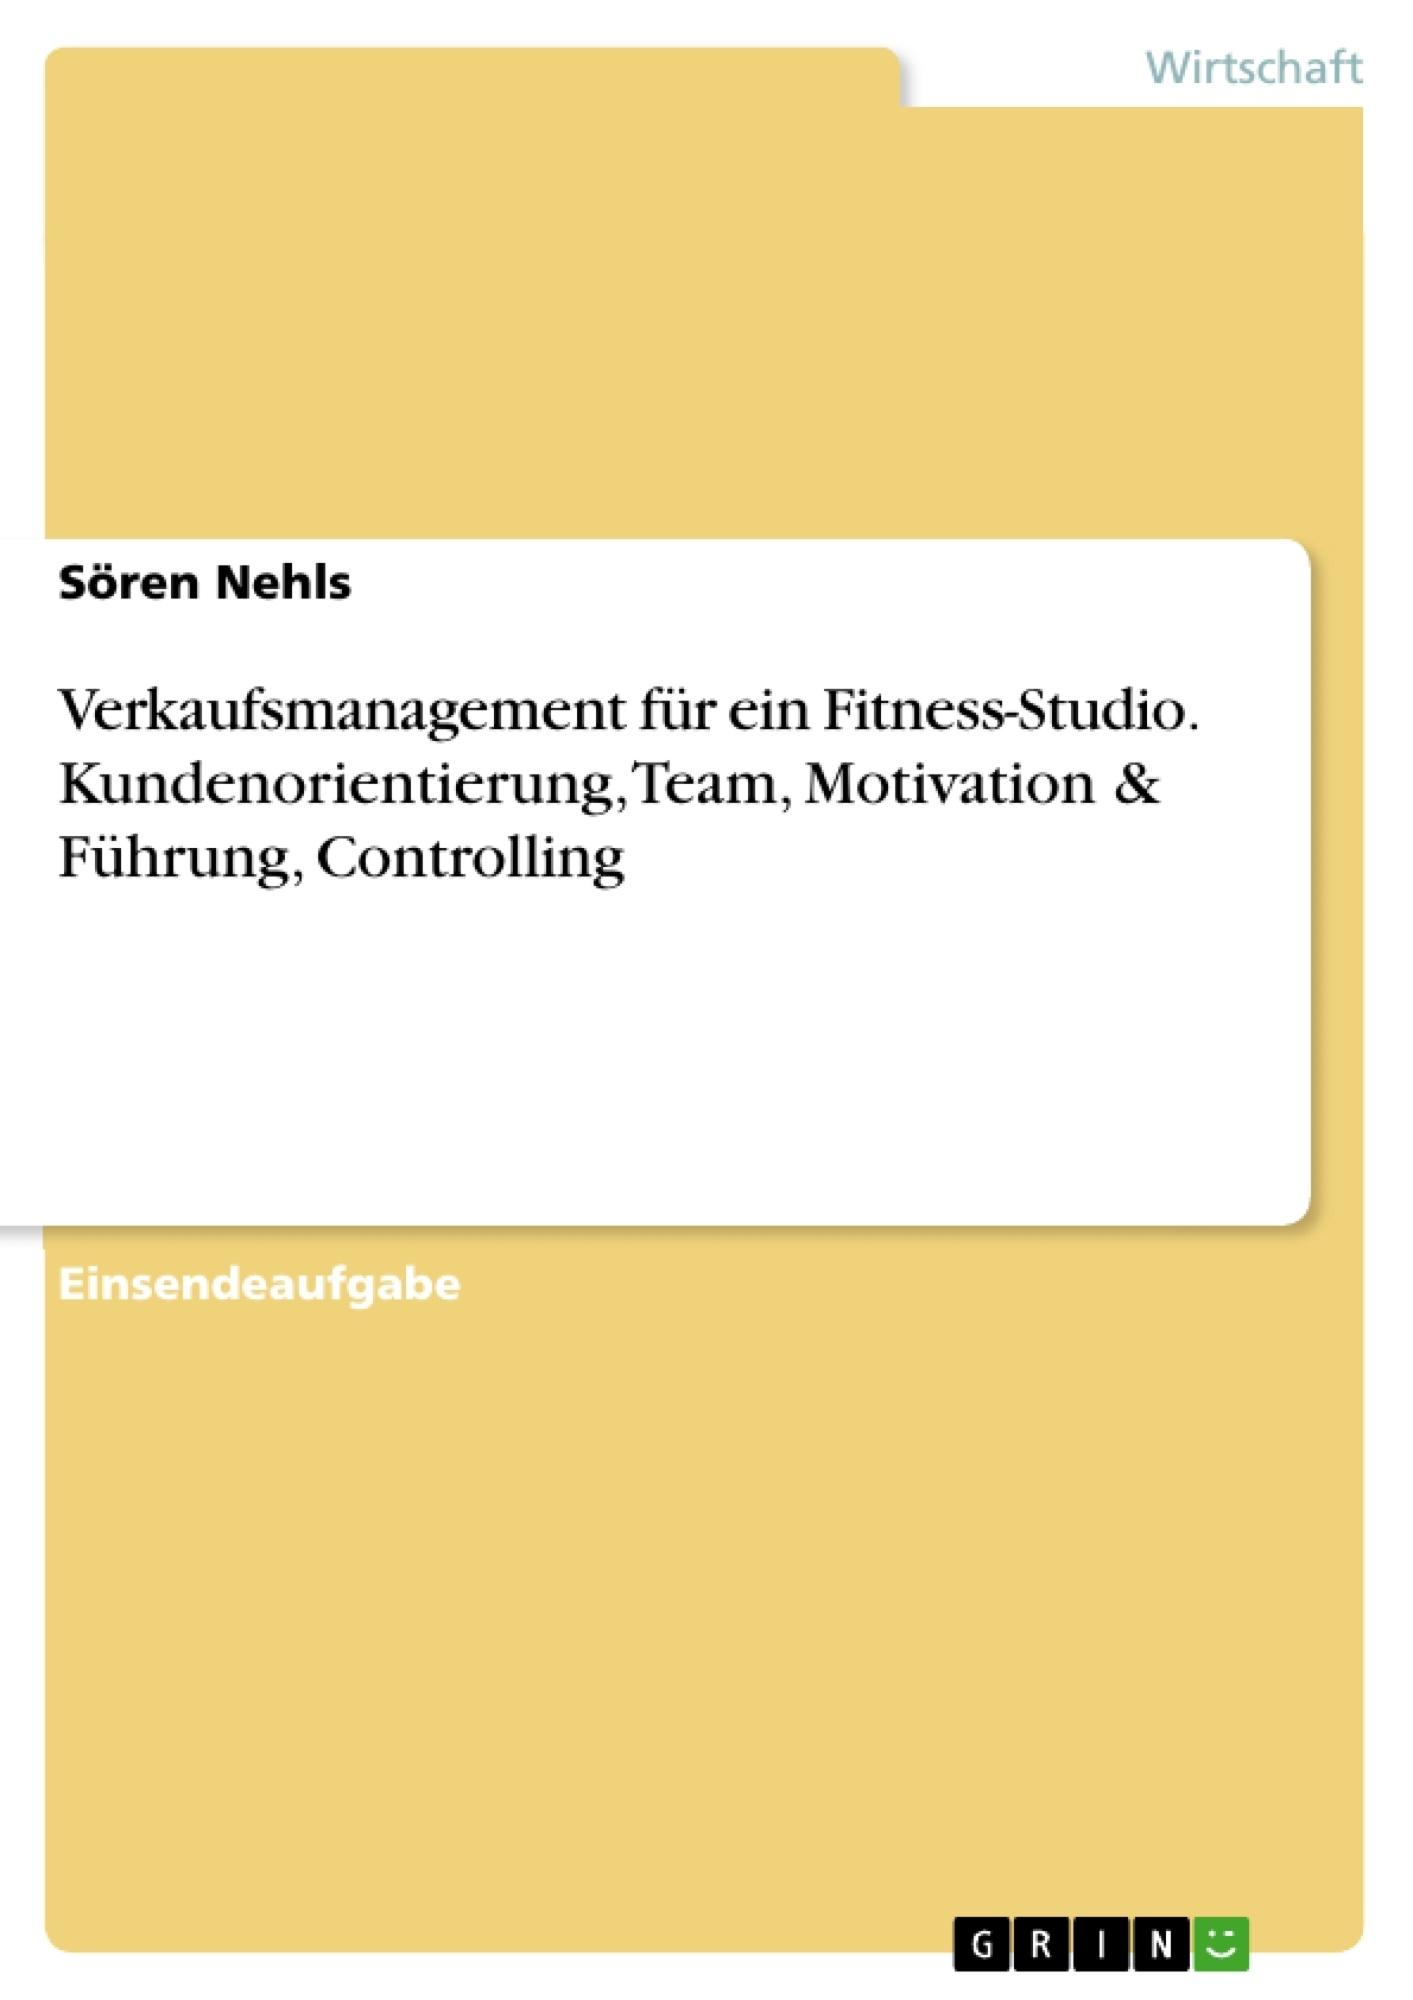 Titel: Verkaufsmanagement für ein Fitness-Studio. Kundenorientierung, Team, Motivation & Führung, Controlling